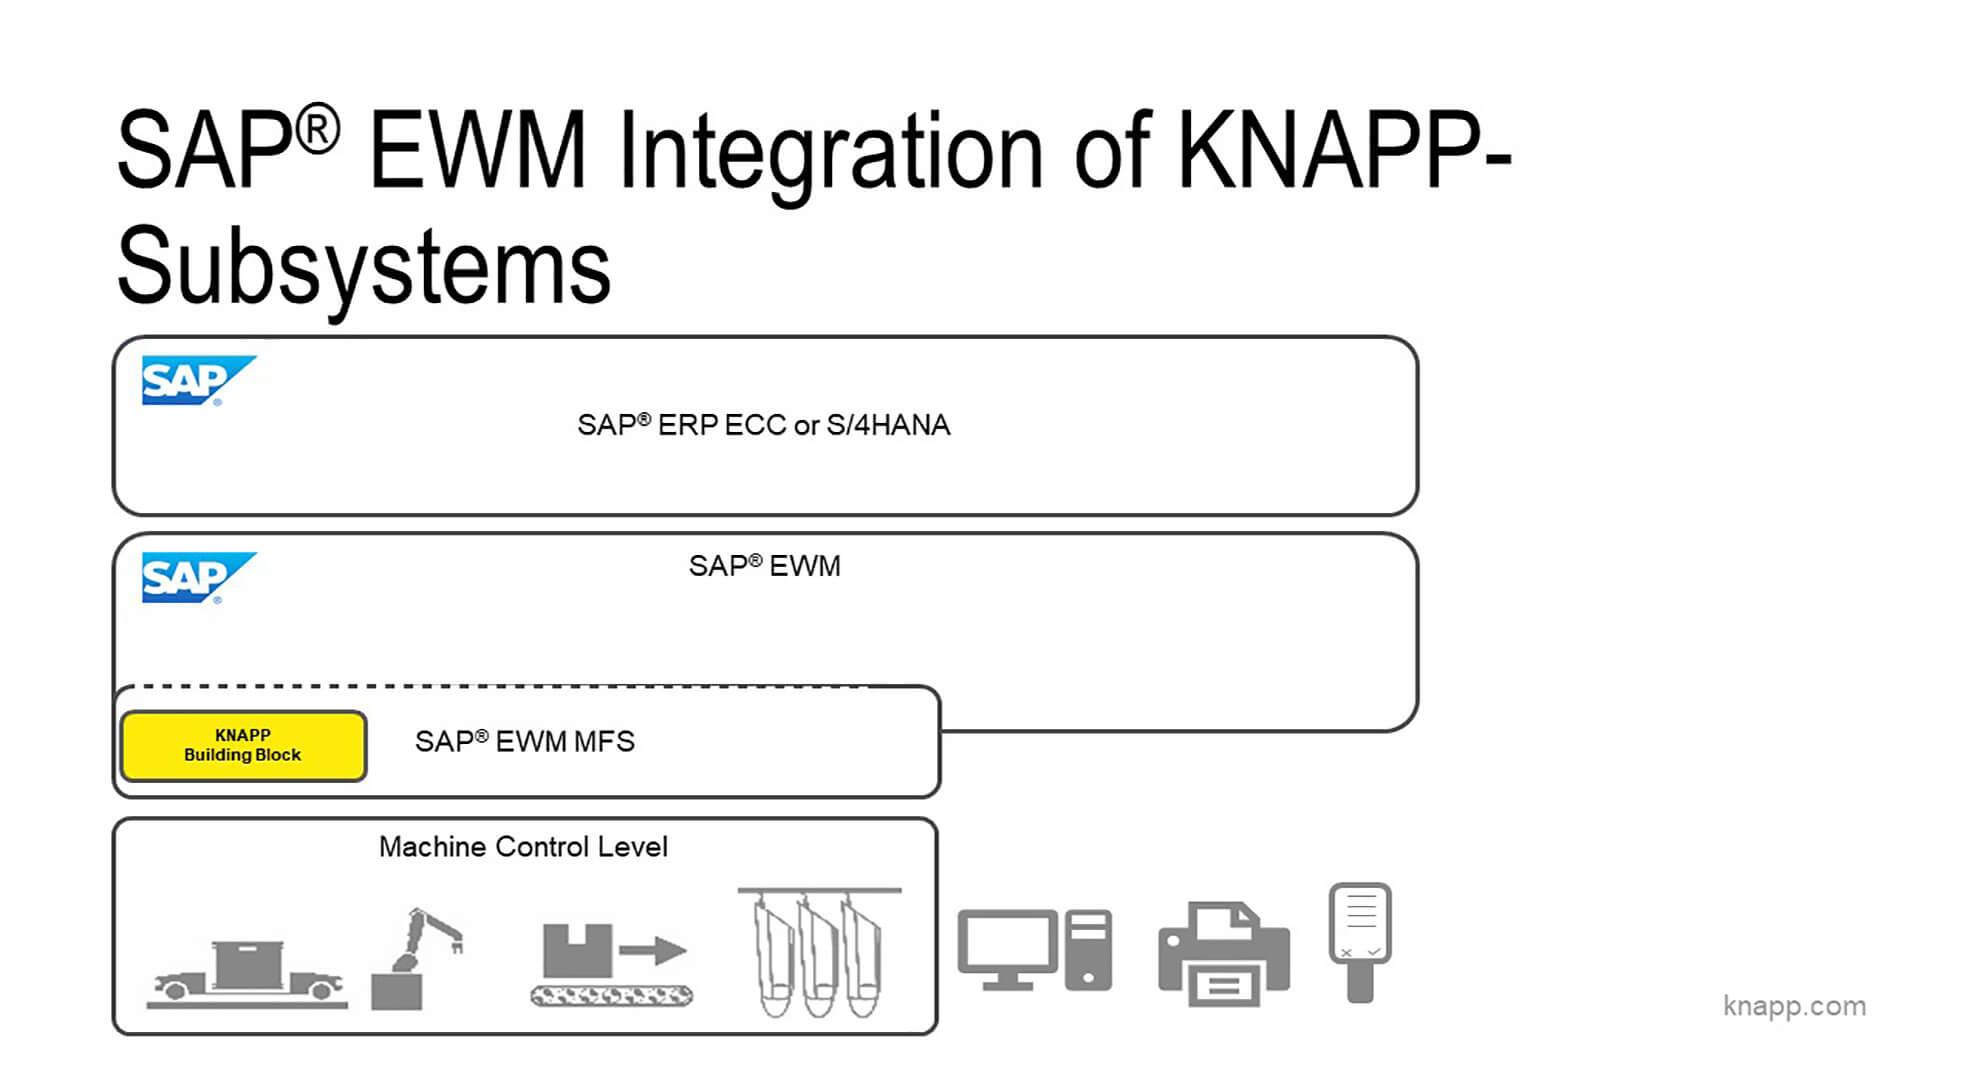 Systemlandschaft - SAP EWM Integration von KNAPP-Subsystemen